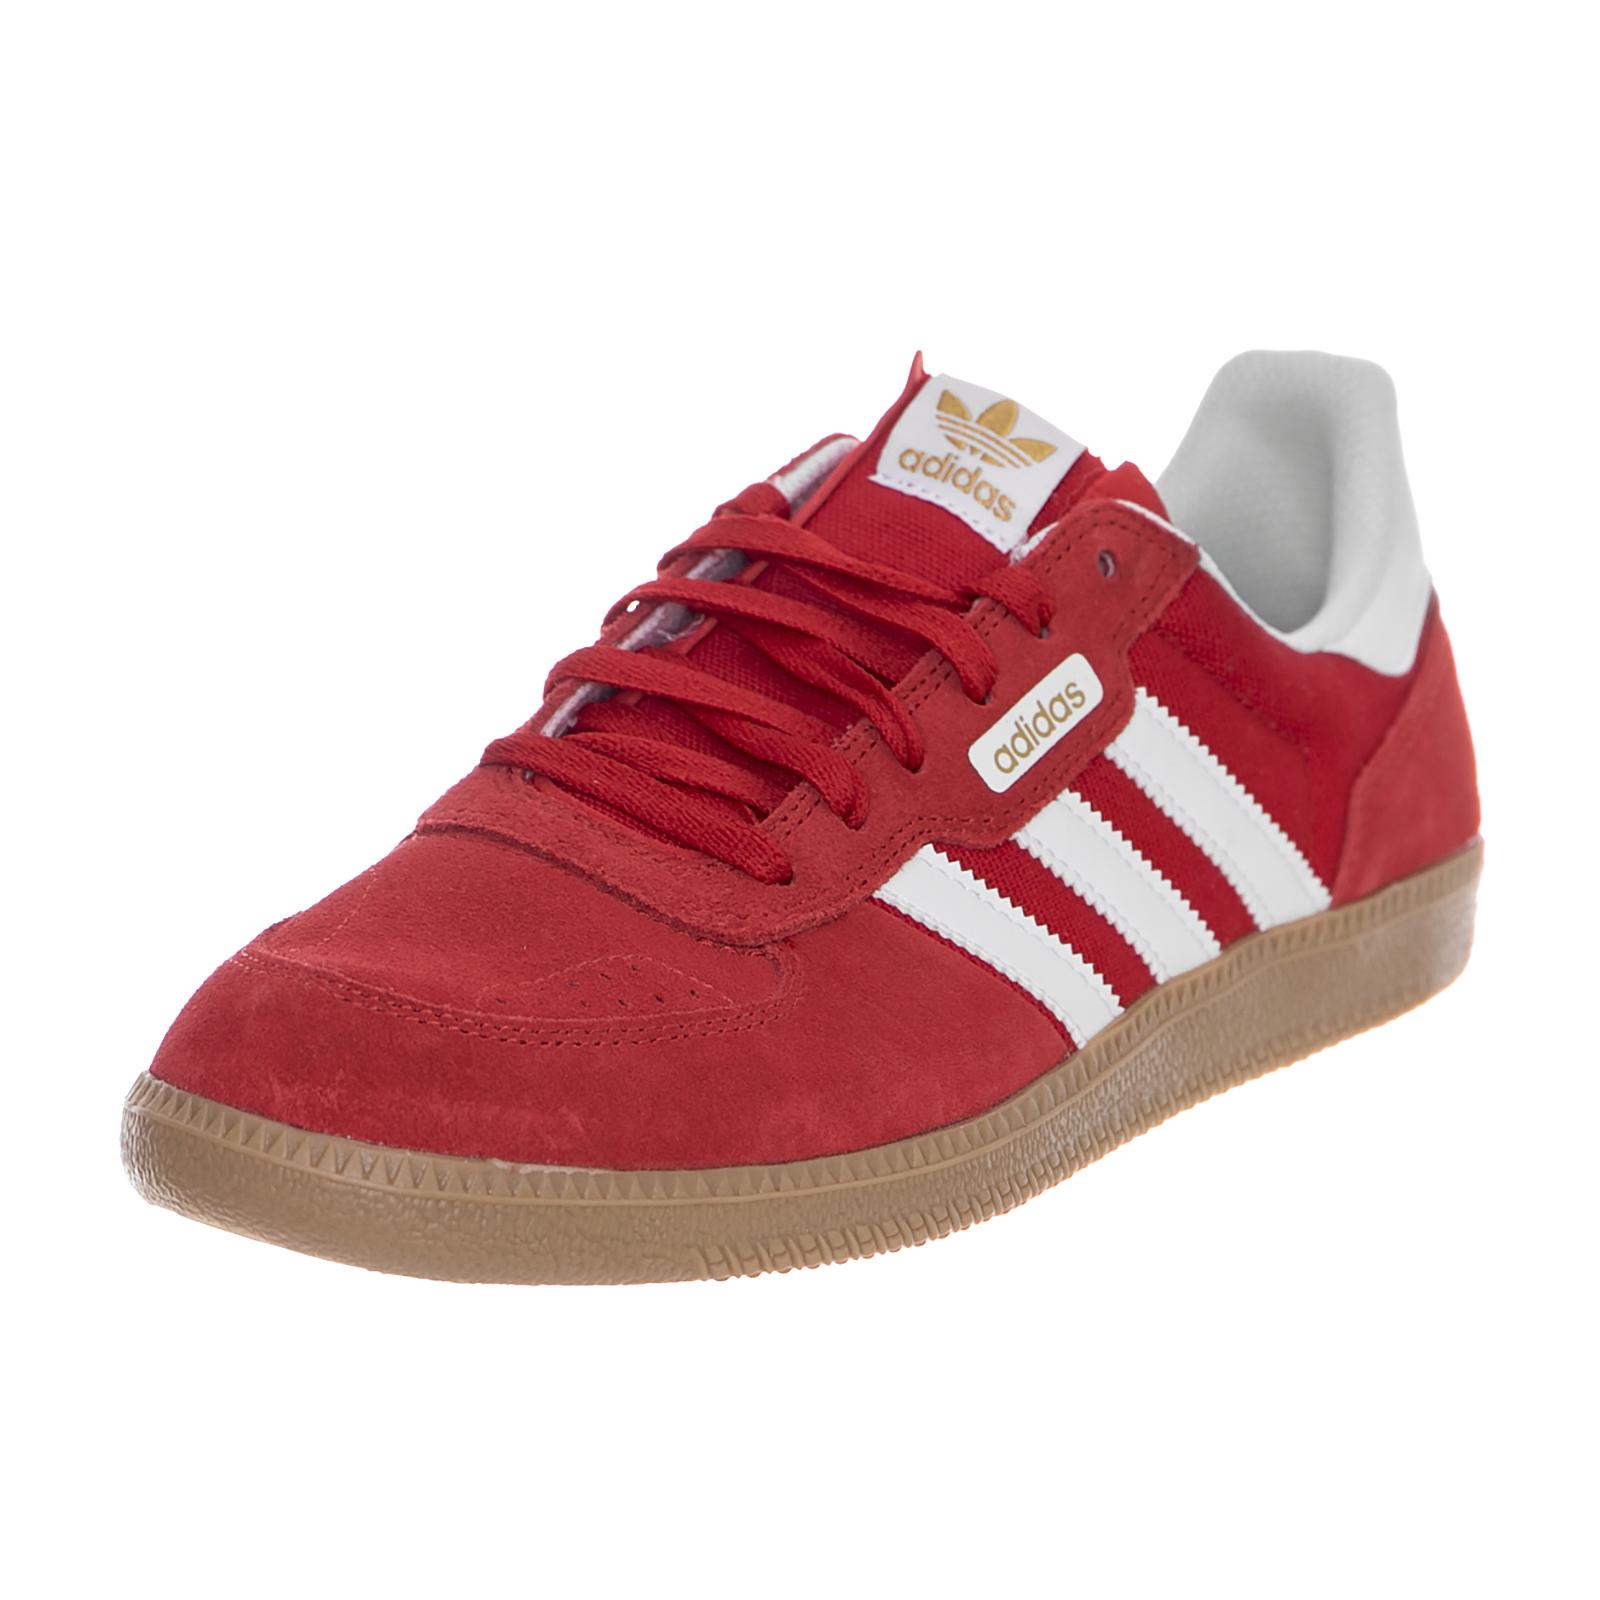 Adidas Zapatillas Leoblack Escarlata   whiteo   Goma red